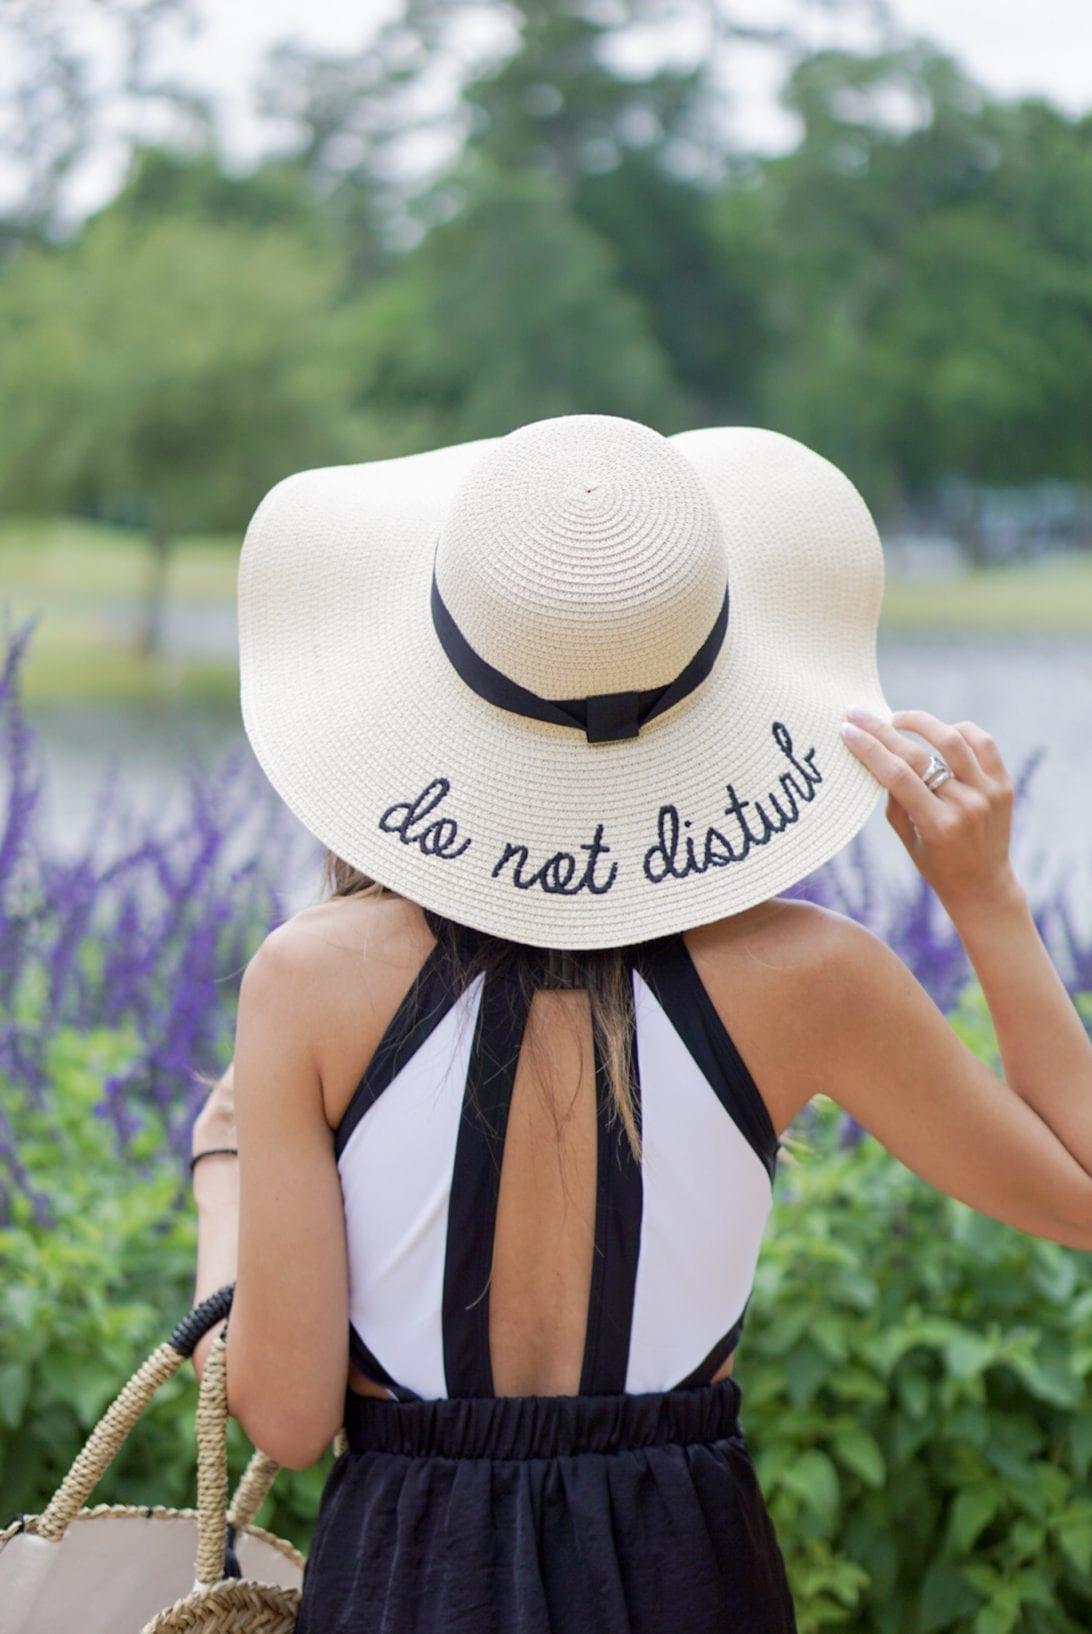 floppy hat, do not disturb hat, summer hat, straw hat